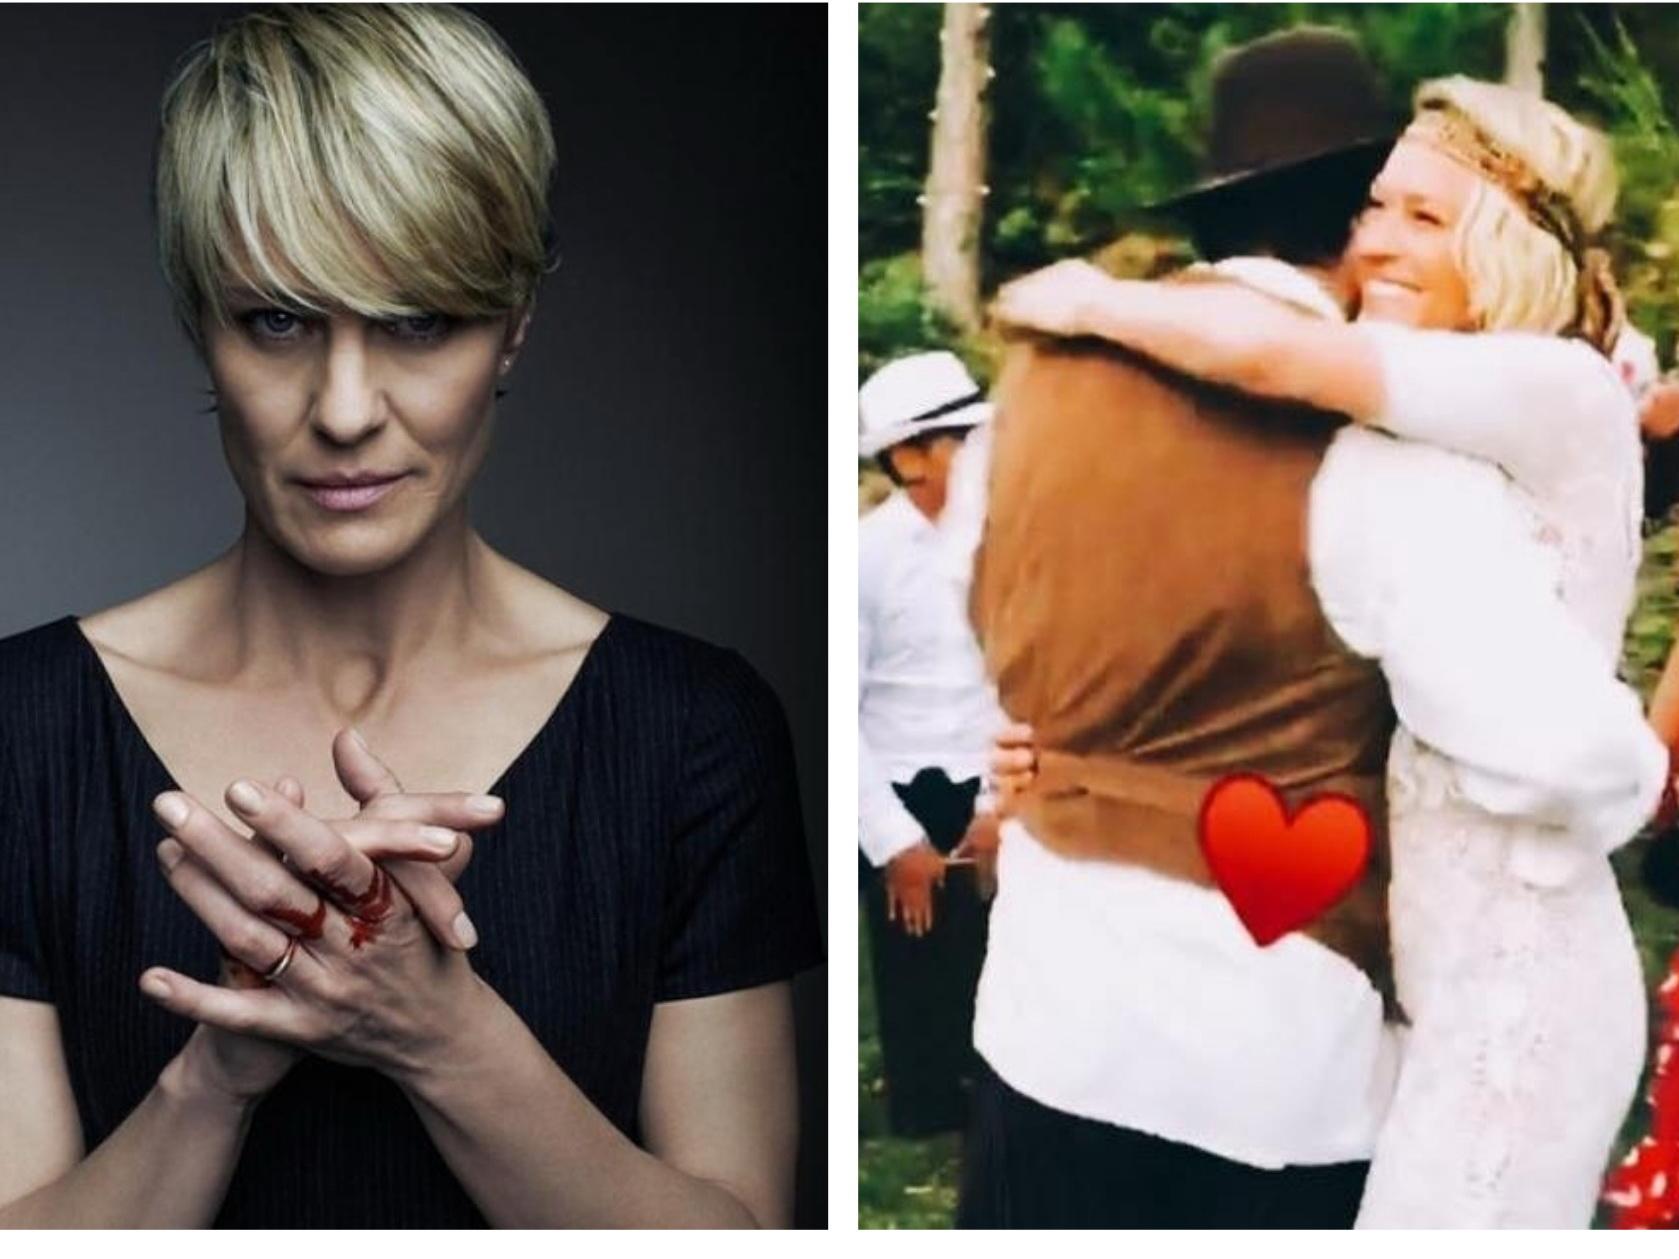 52-летняя звезда «Карточного домика» тайно вышла замуж за парня на 20 лет моложе – ФОТО